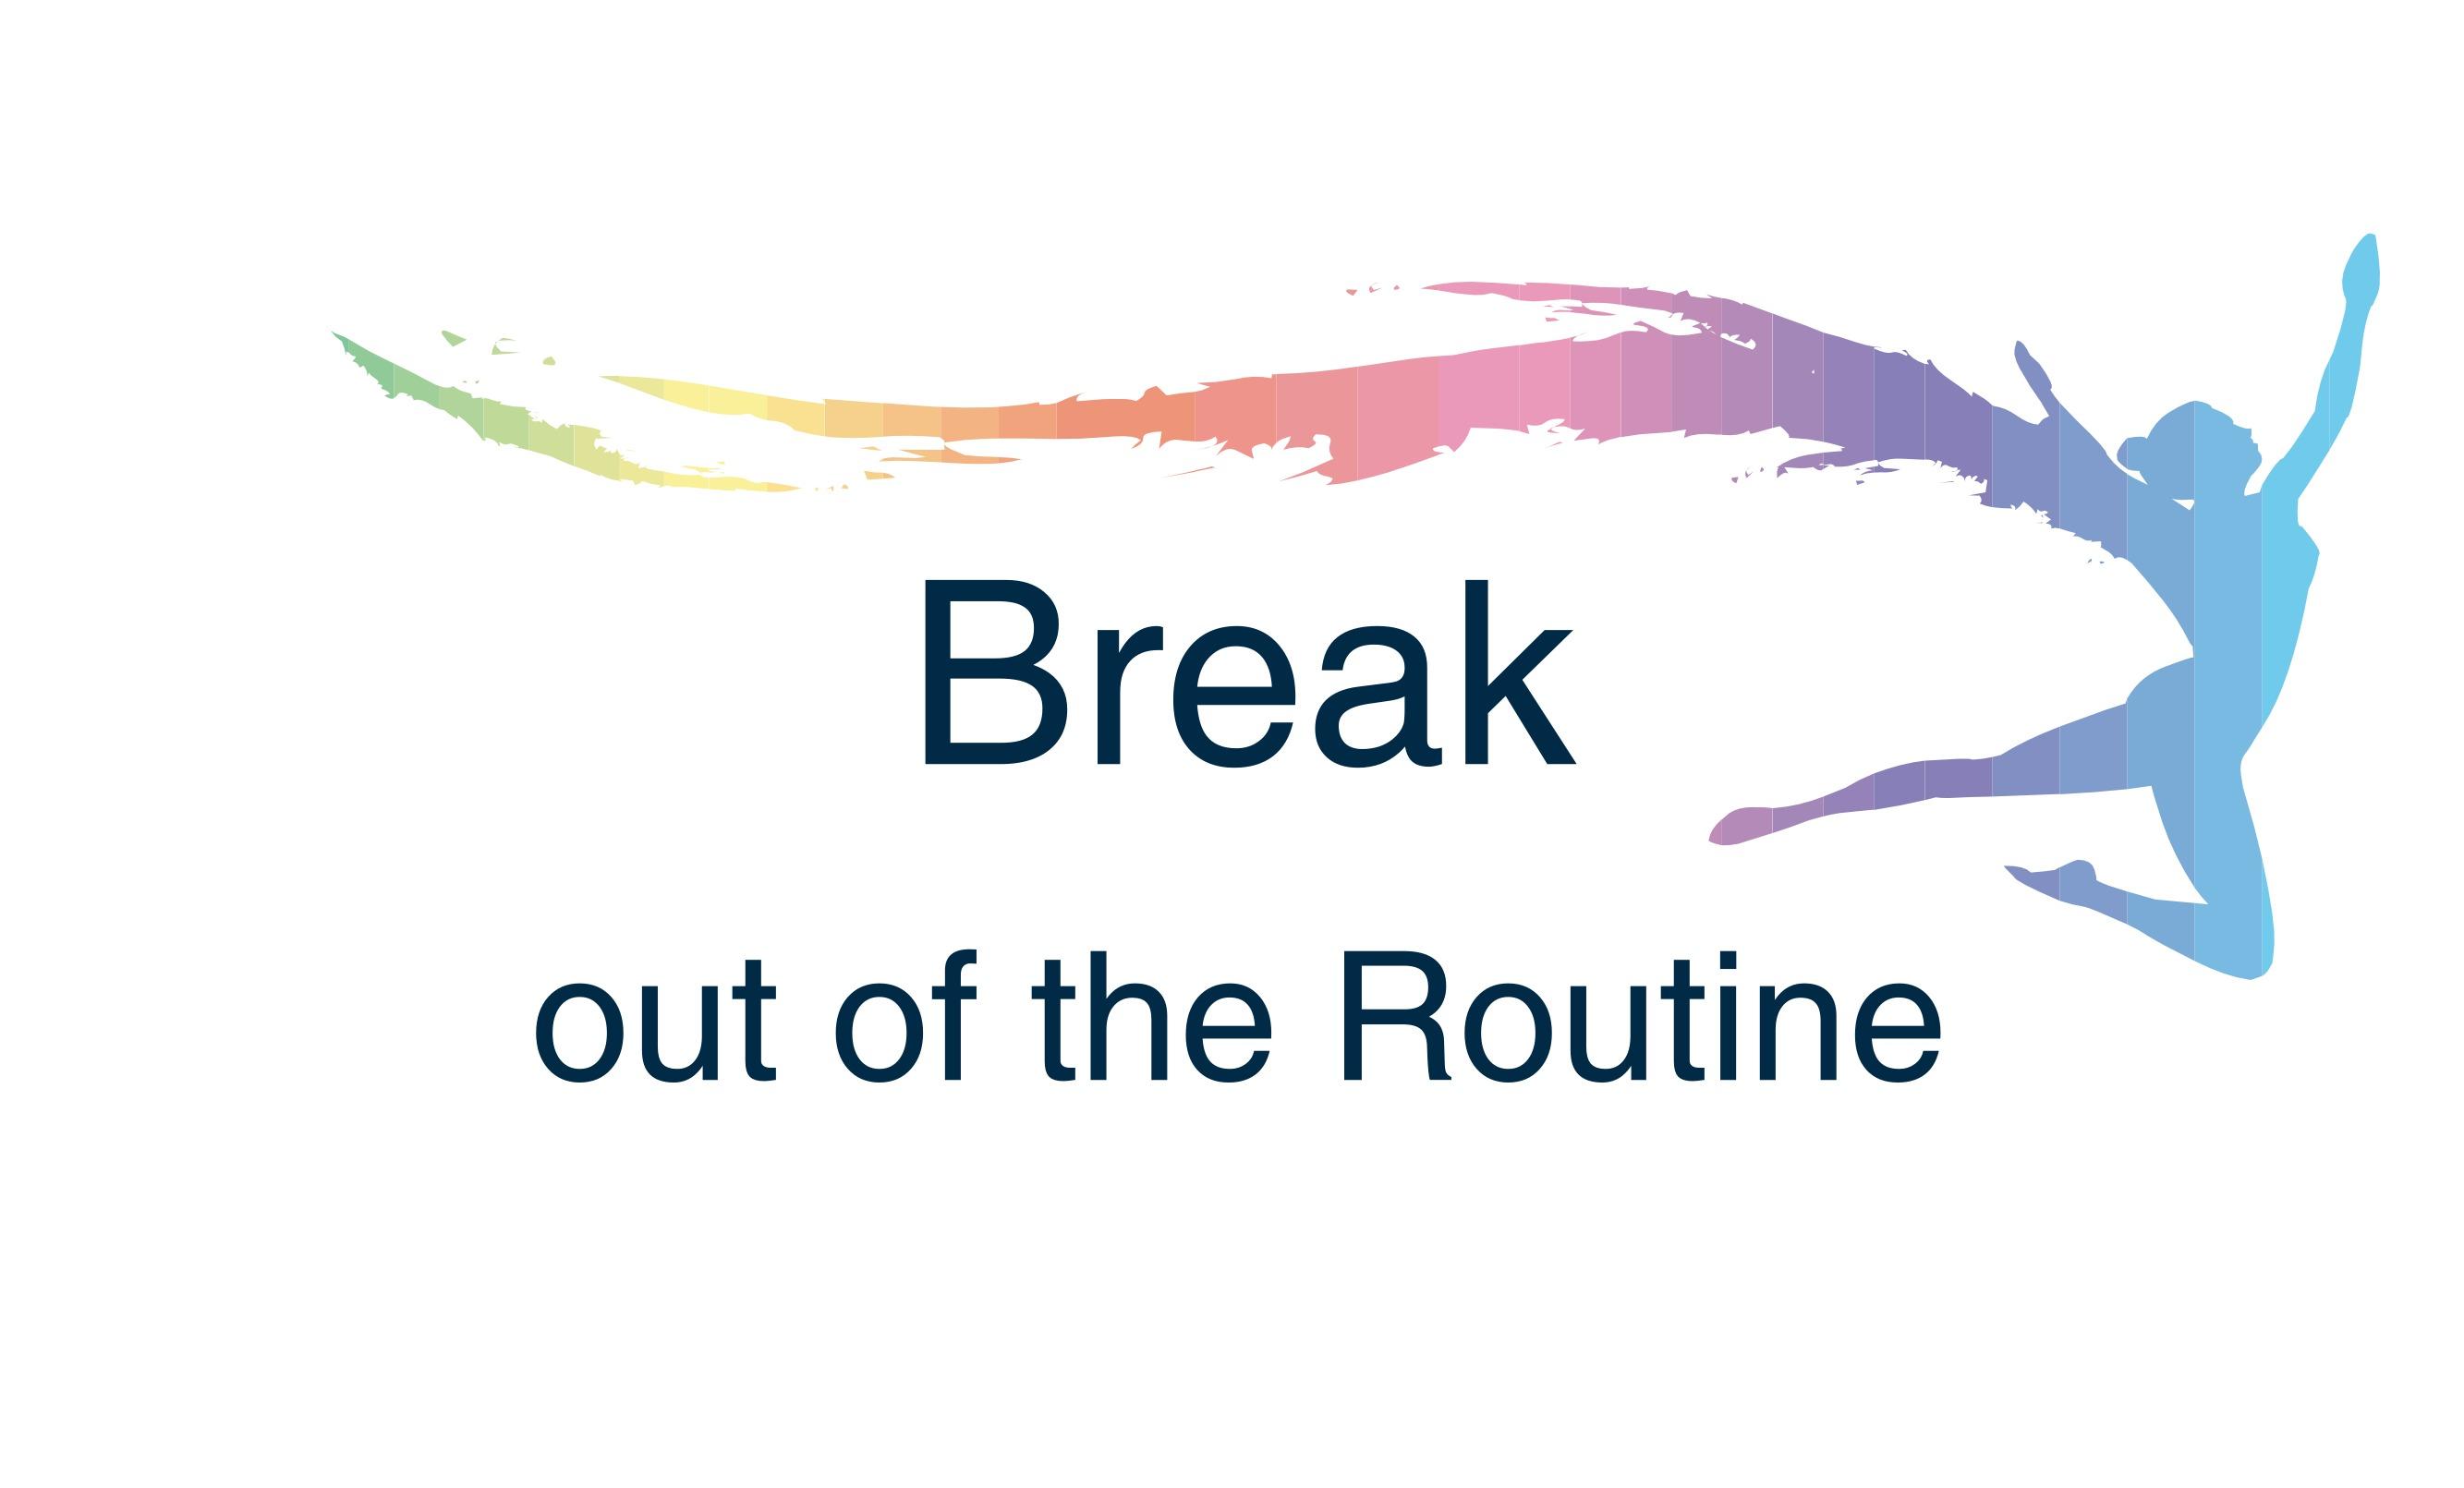 BreakoutoftheRoutine